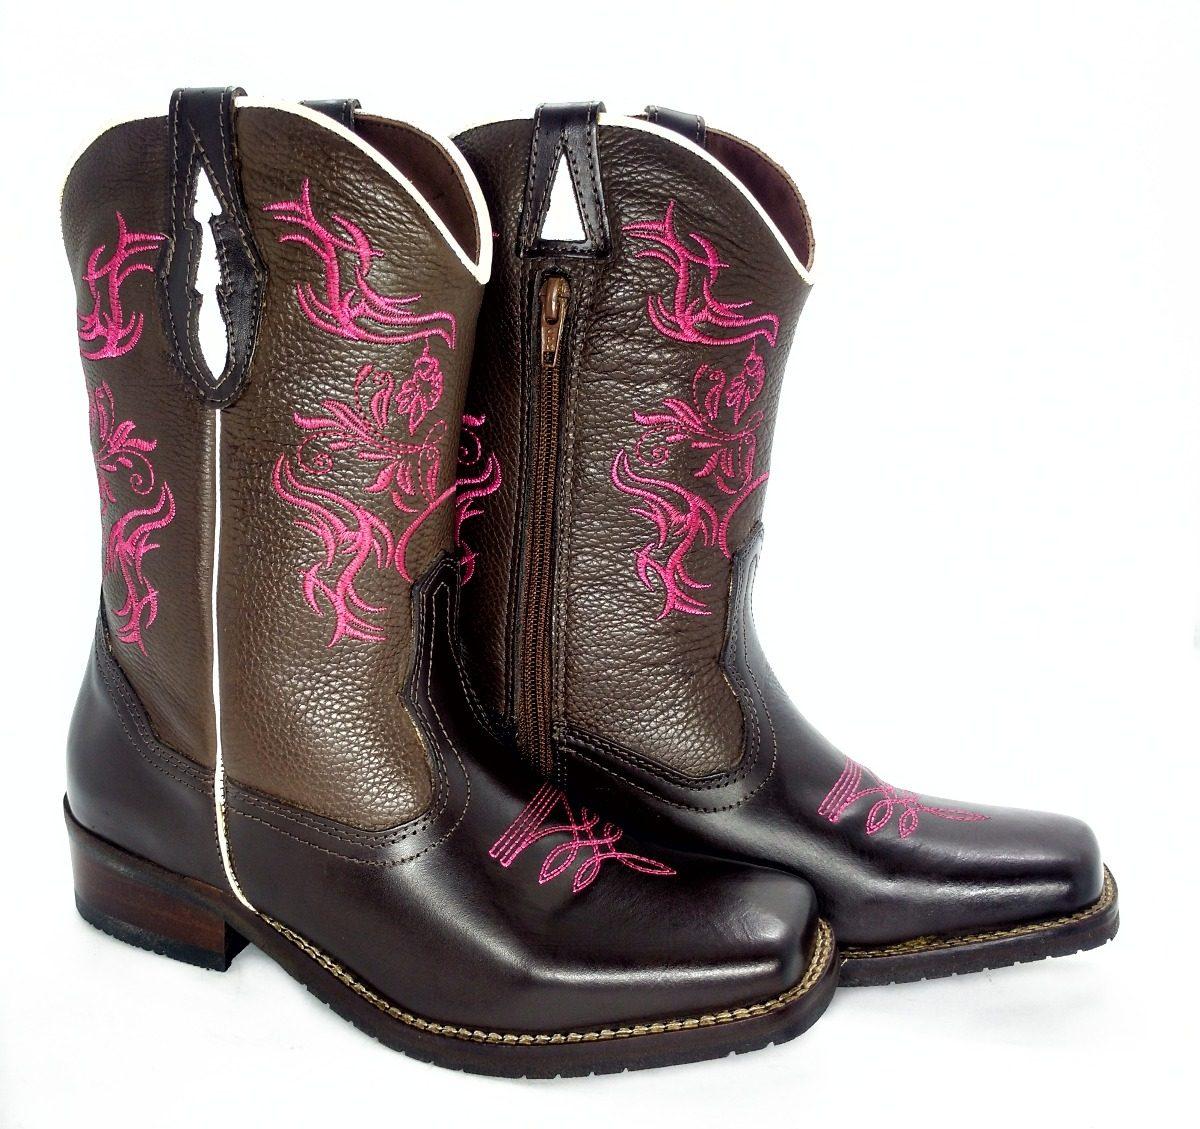 98bea187a bota texana feminina bico quadrado cano e couro bordado rosa. Carregando  zoom.